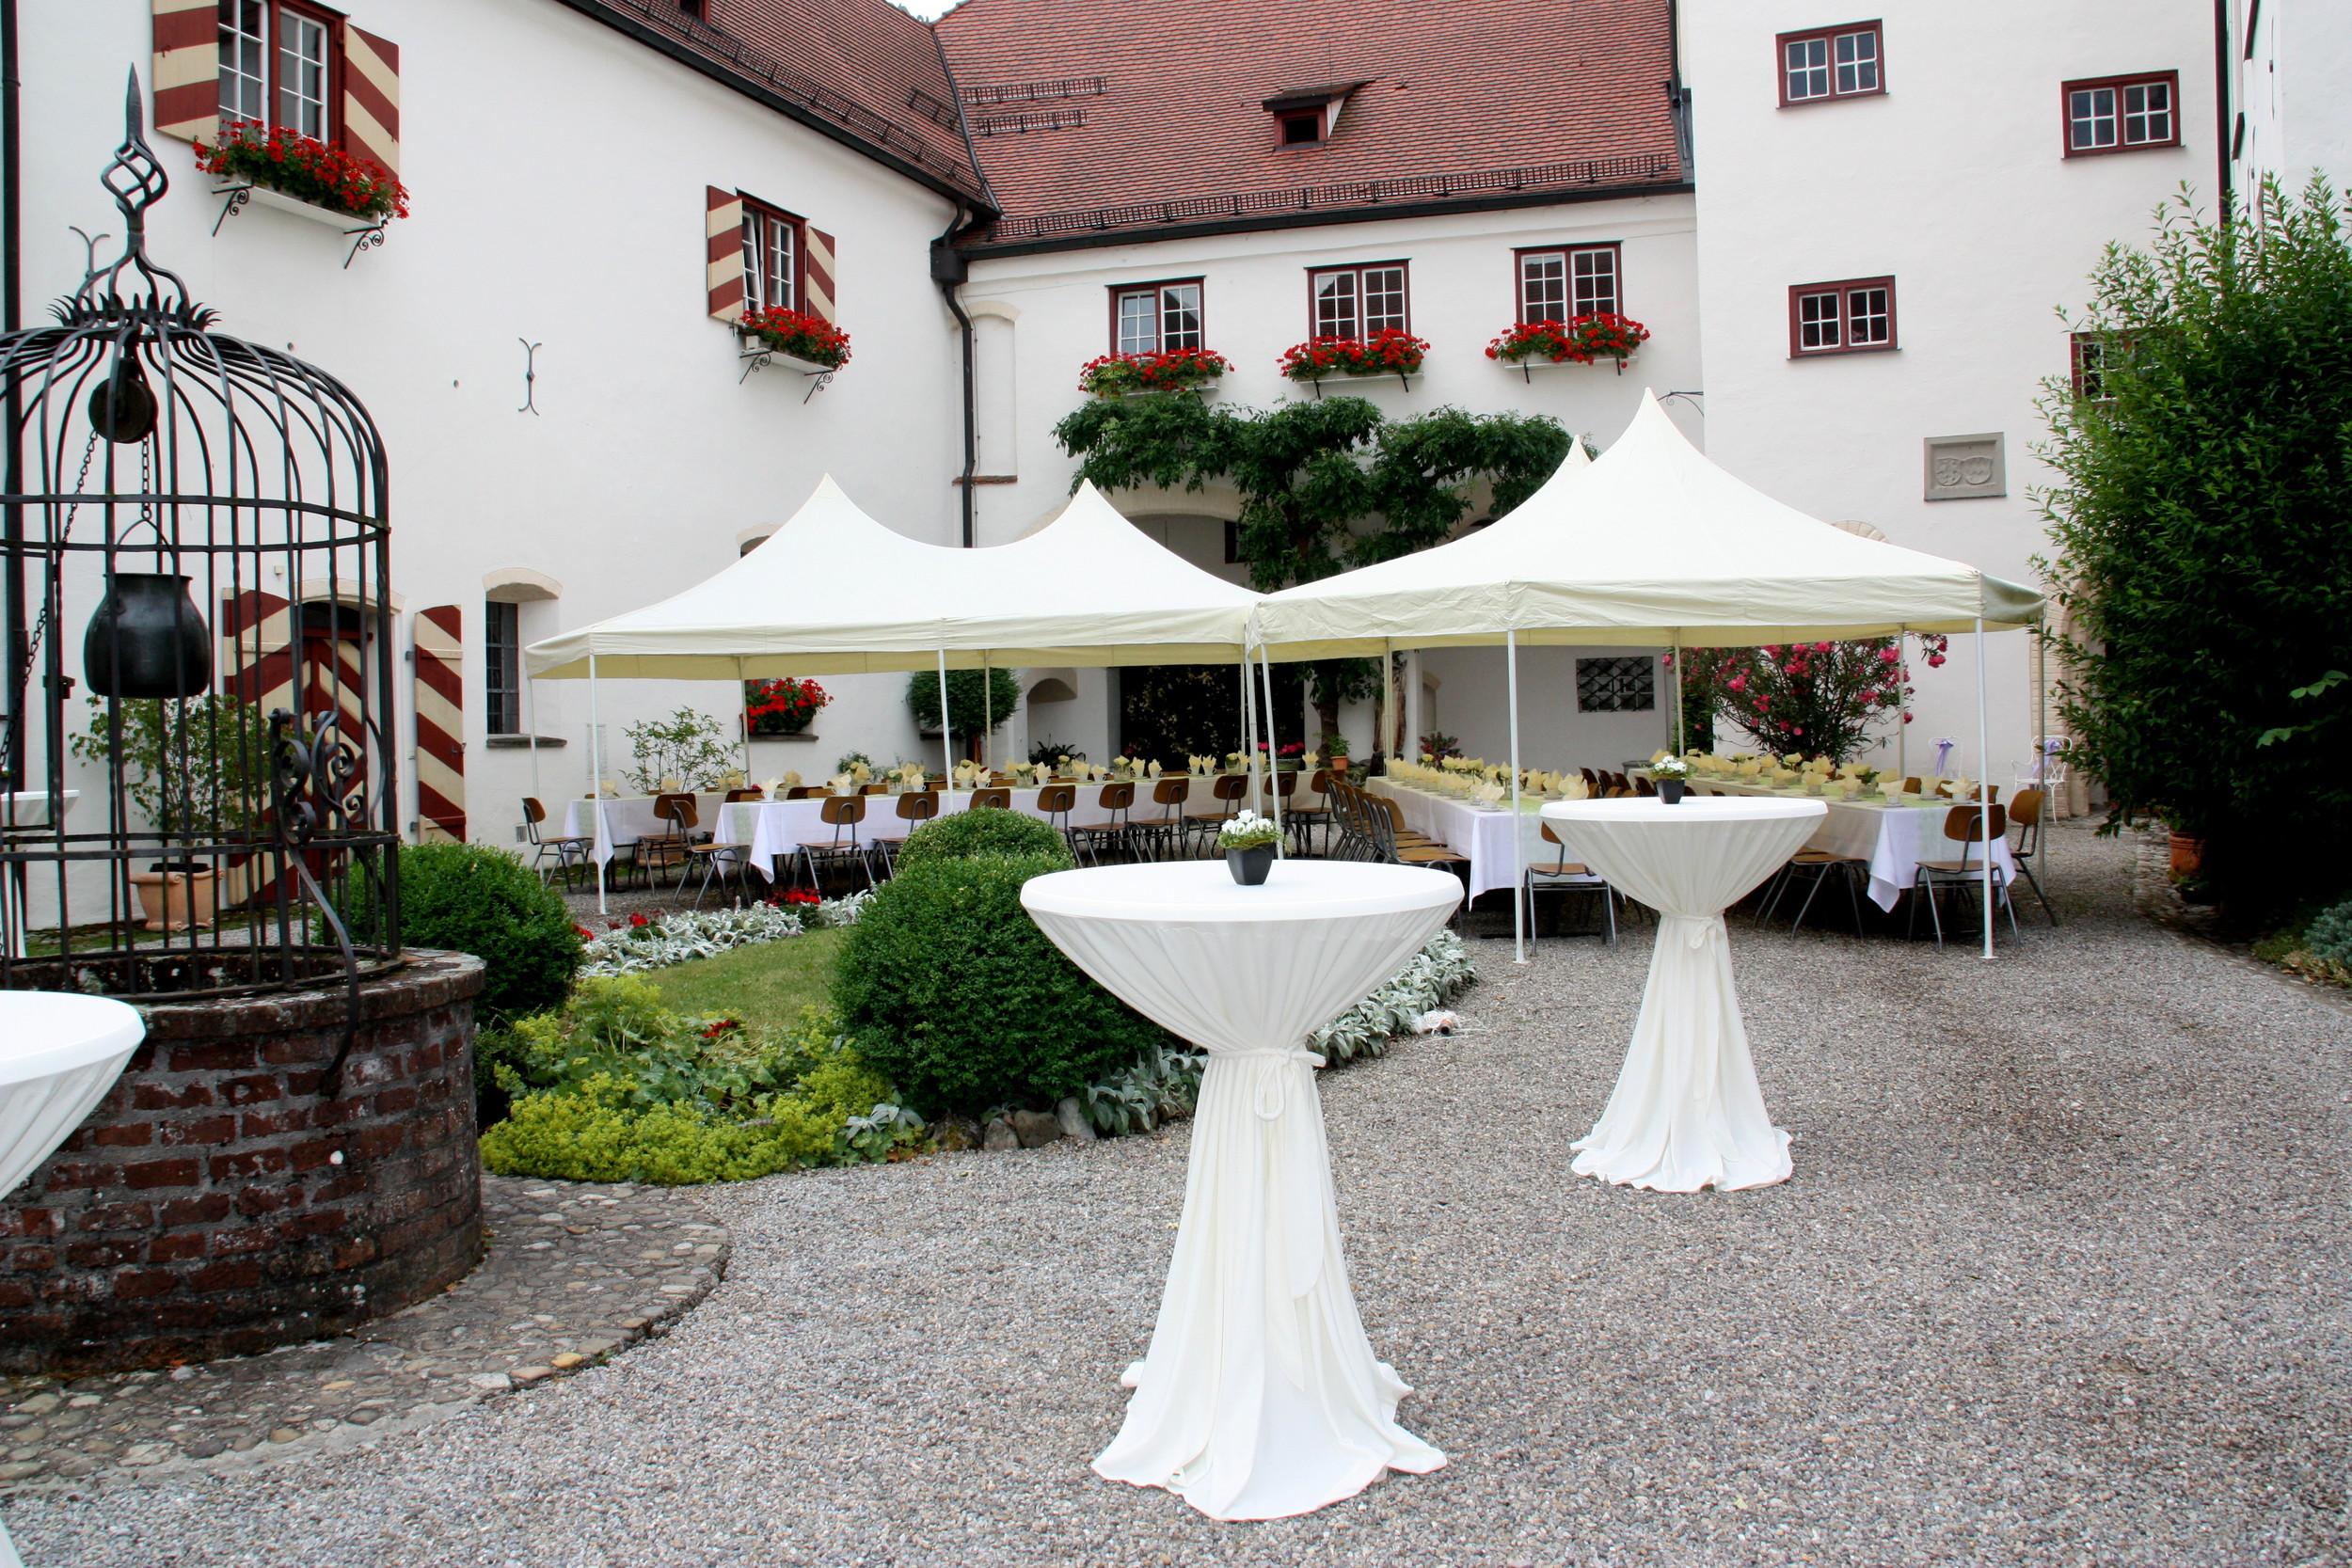 Stehemfang VA Hochzeit 17.07.10.JPG